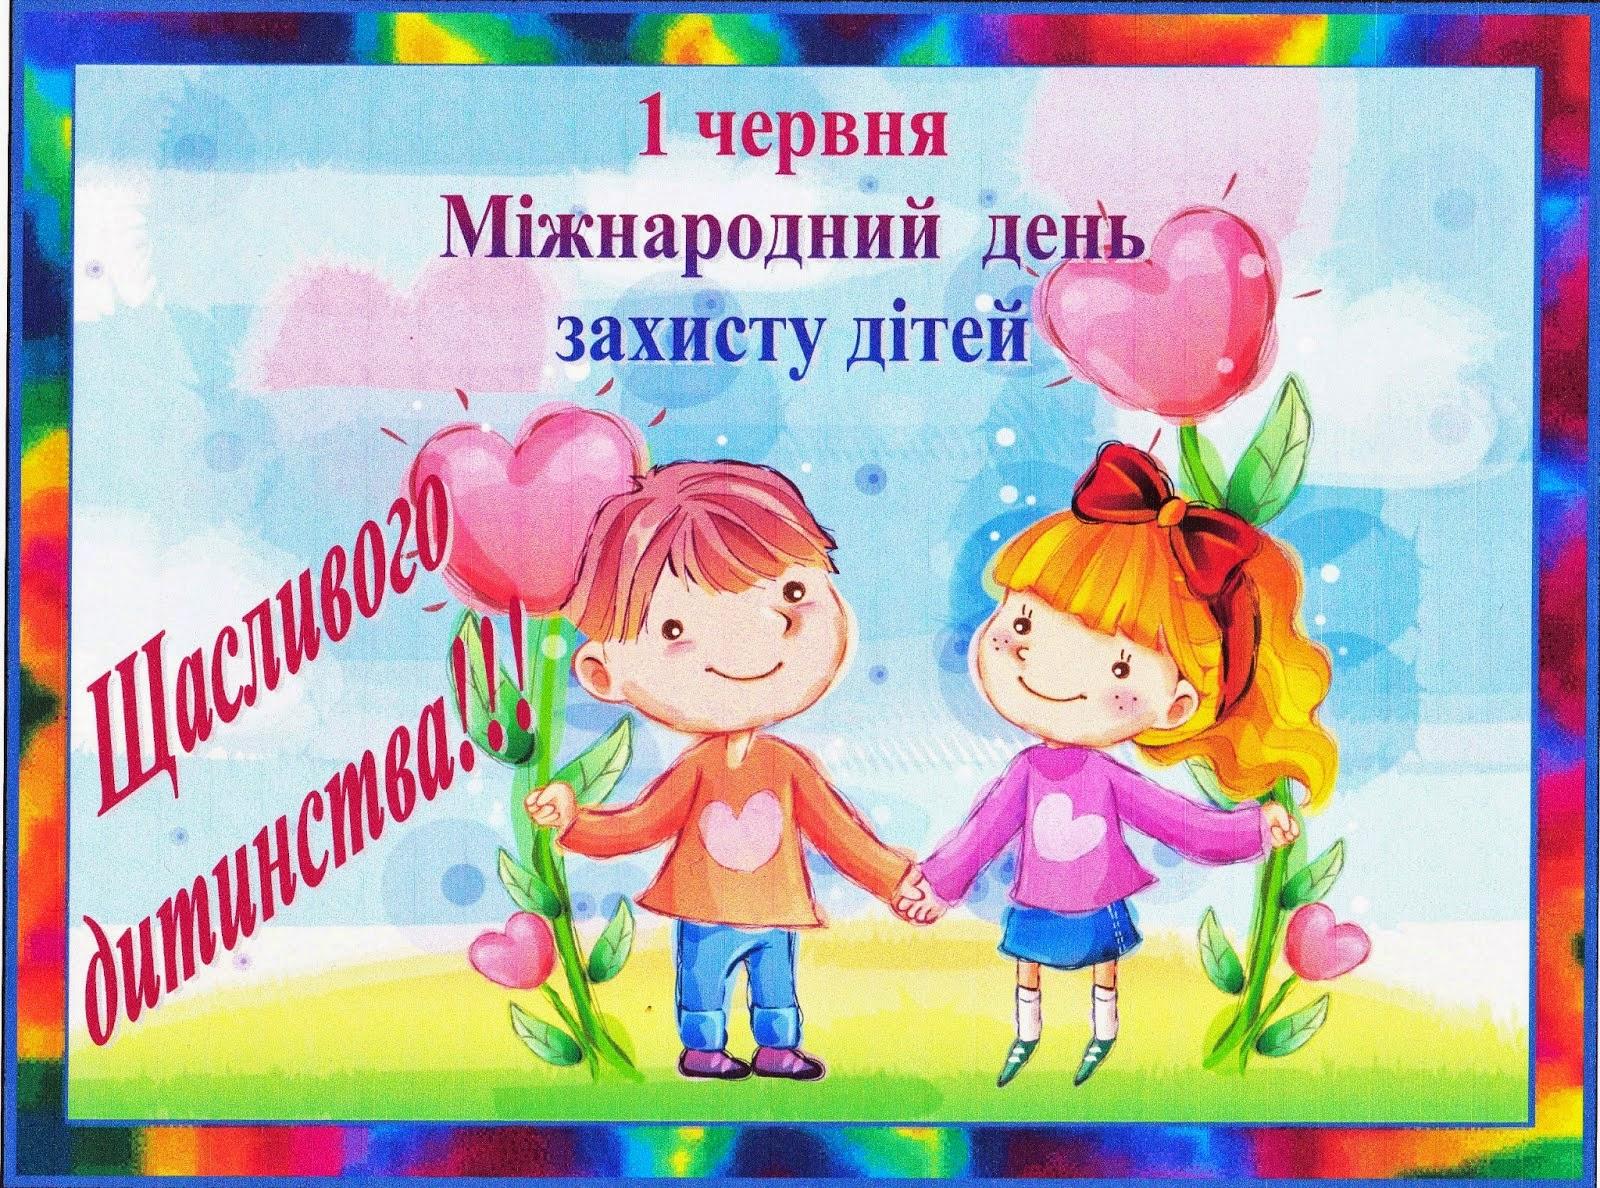 Концерт до Дня захисту дітей в Яворові | Яворів Інфо